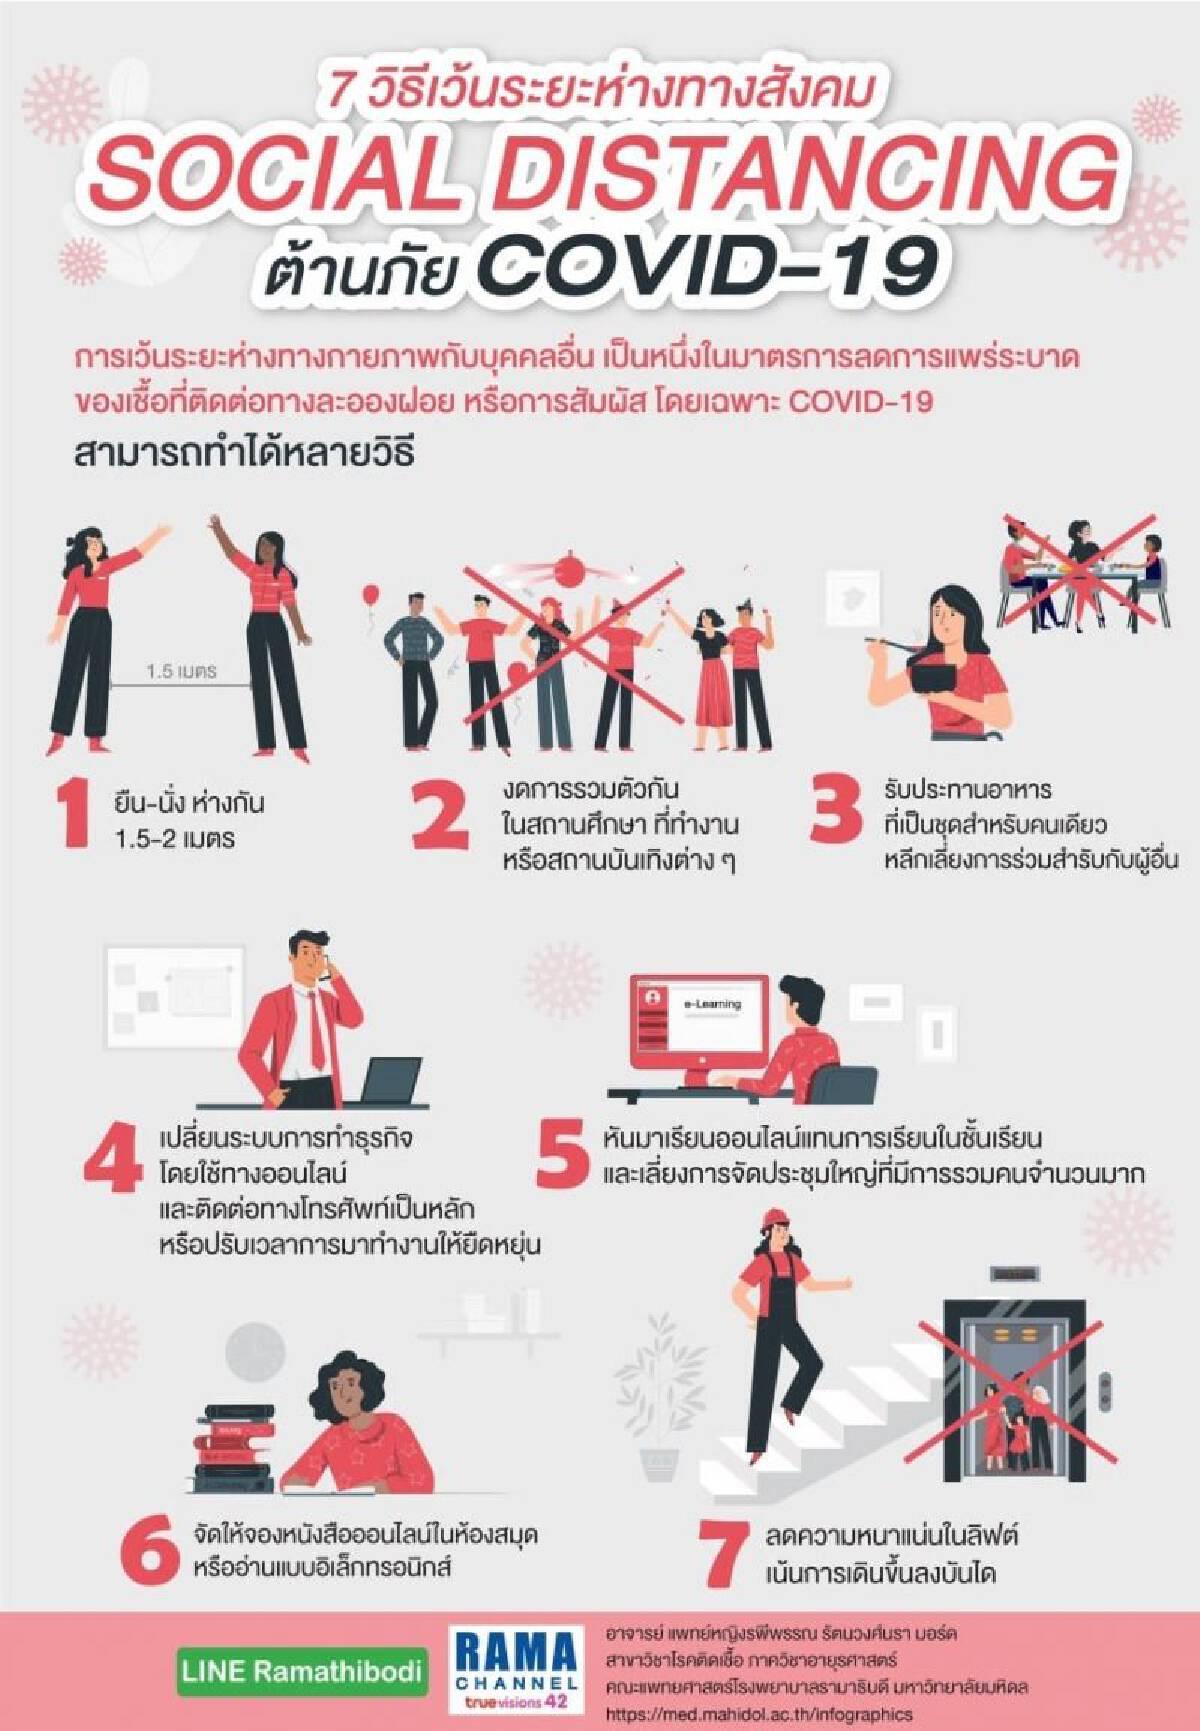 ร.พ.รามา เผย 7 วิธีต้านโควิด-19